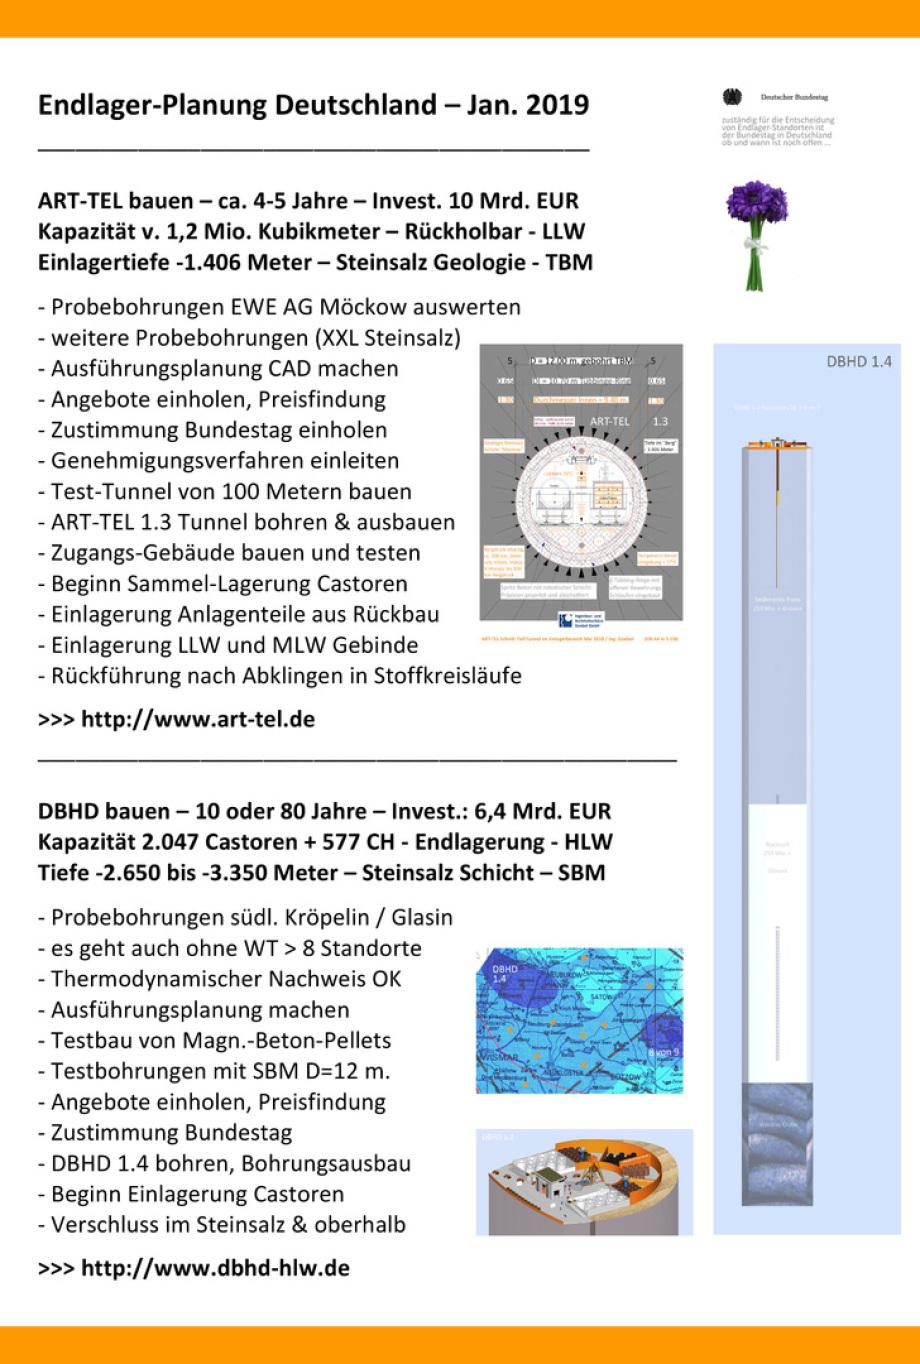 Vorschau_Endlager-Deutschland_Planung_Ing_Goebel_ART-TEL_DBHD_Glasin_Moeckow_Atommüll-Endlager_BGE_GmbH